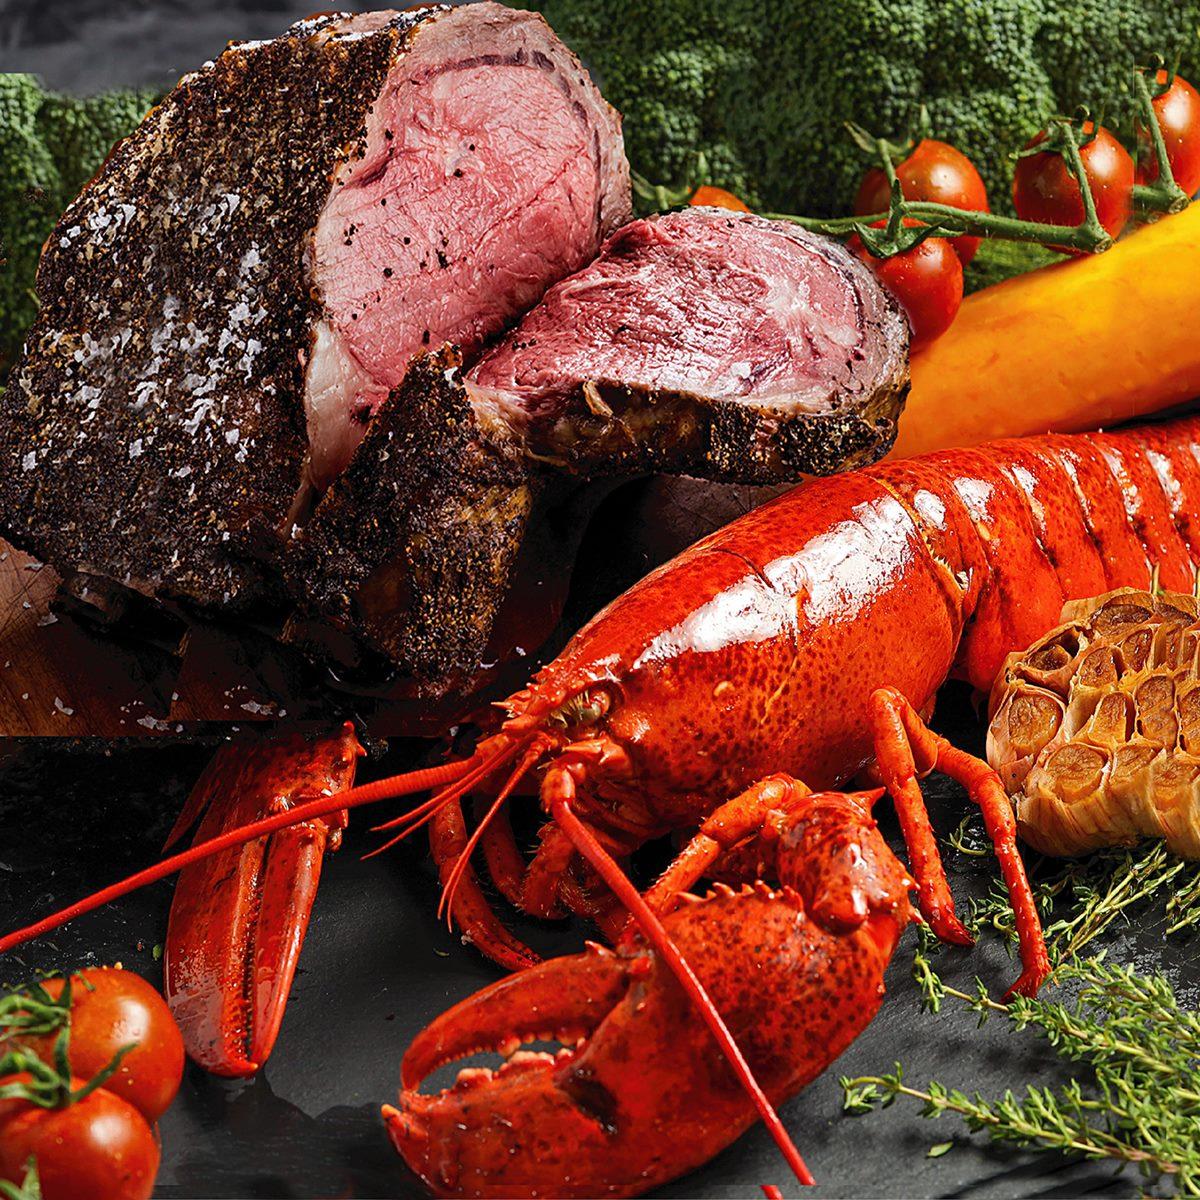 3大龍蝦控必吃好康!48小時快閃「買牛排送龍蝦」,只要198元就能外帶龍蝦餐回家